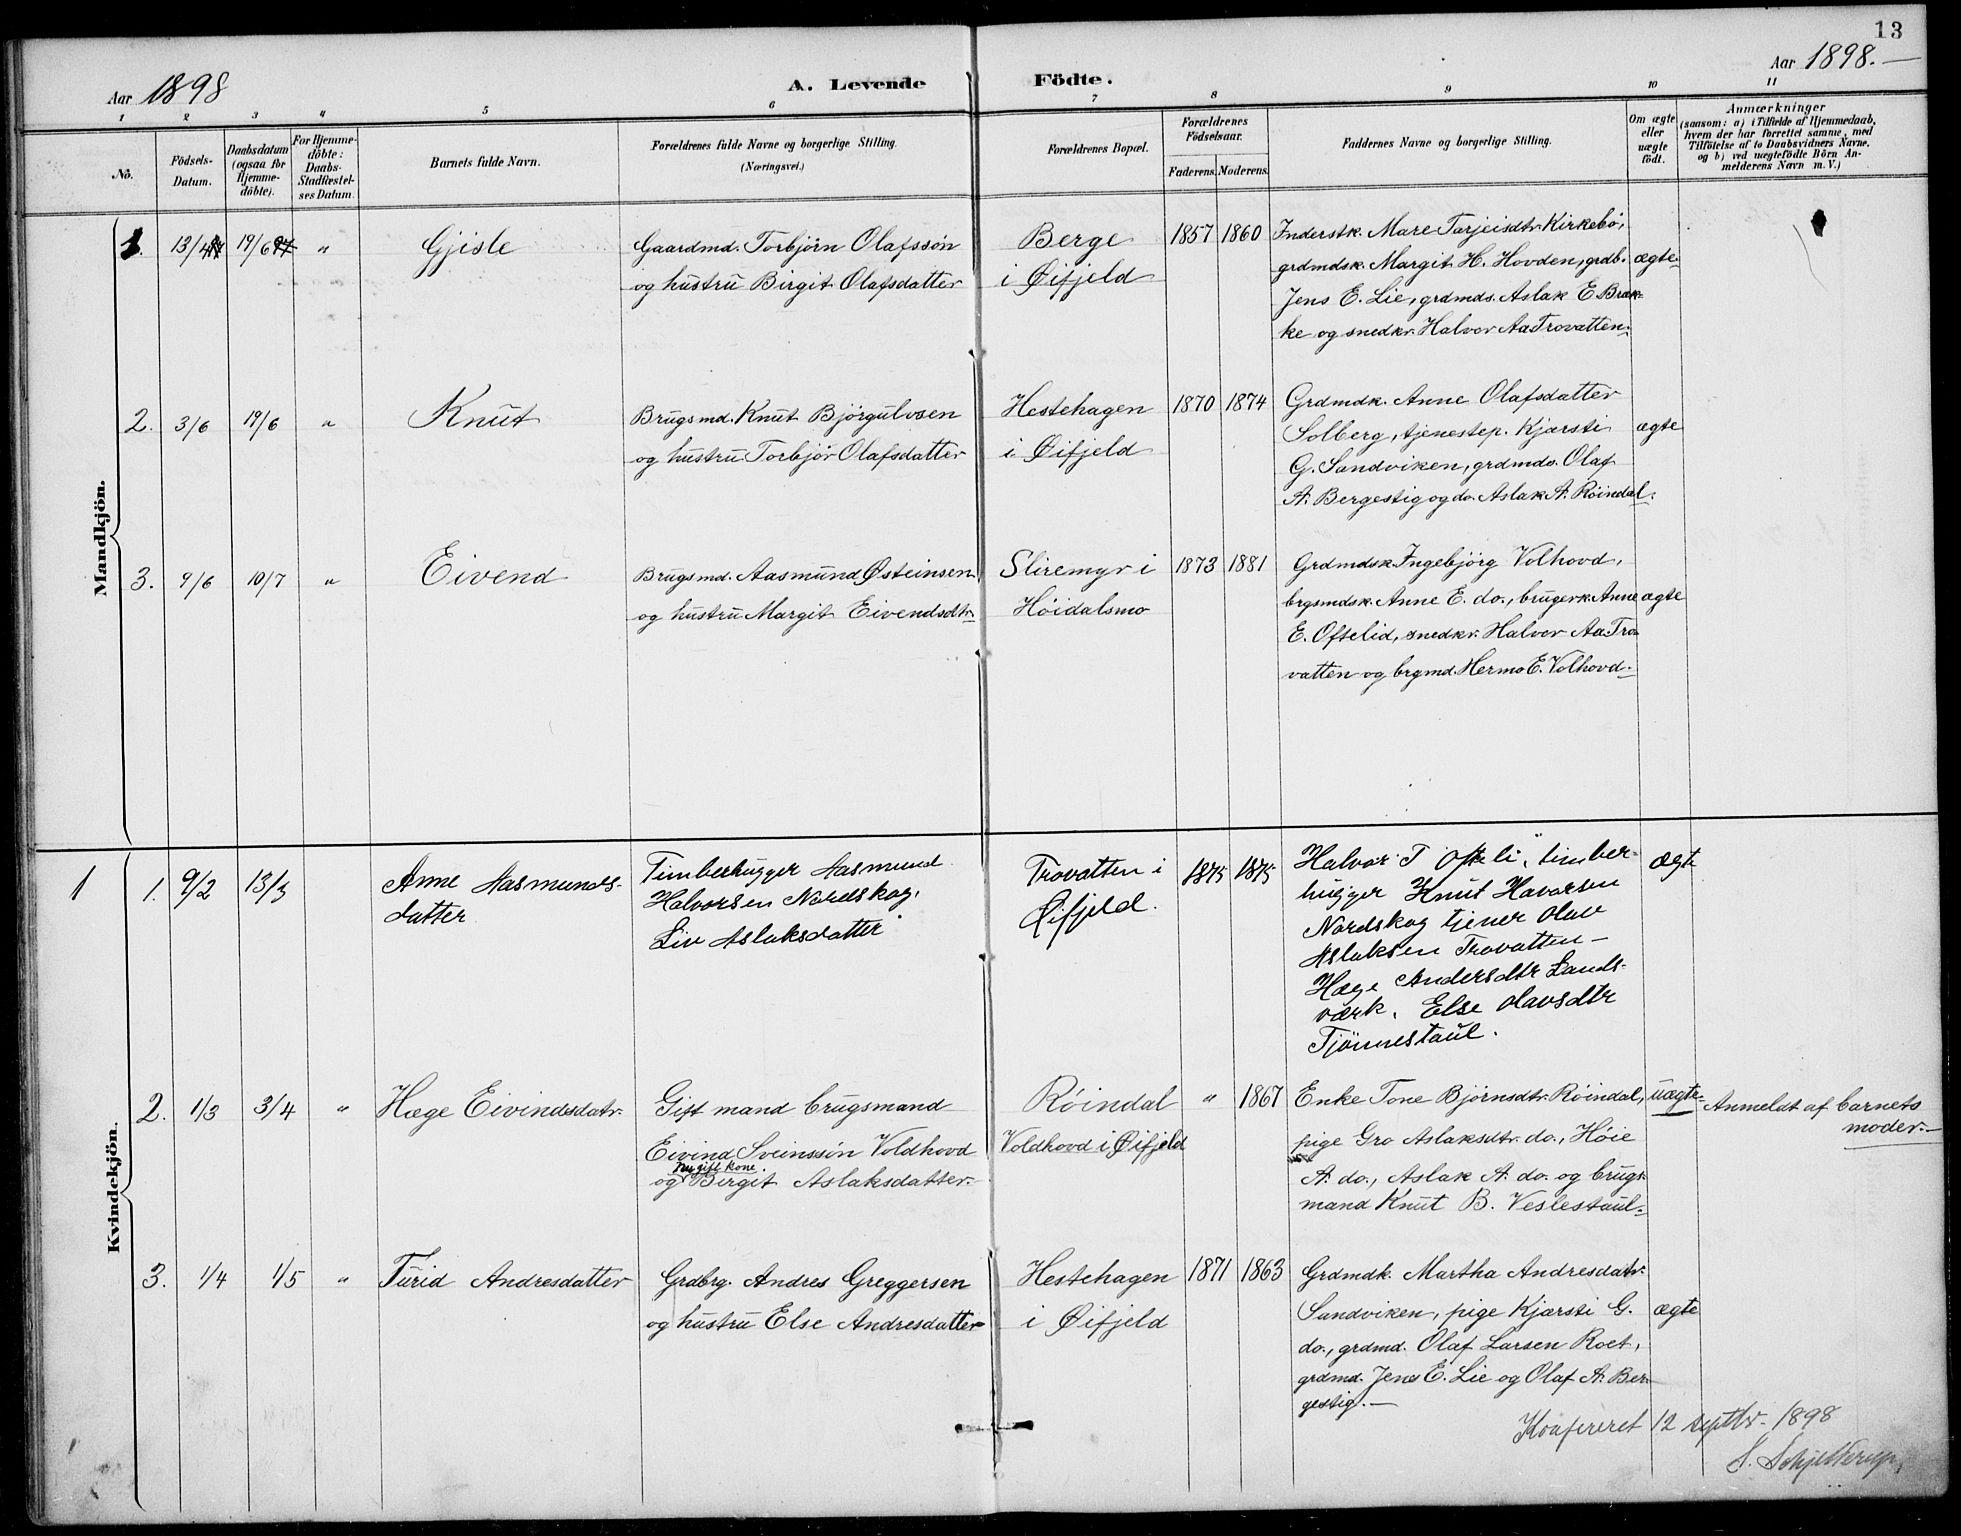 SAKO, Rauland kirkebøker, G/Gb/L0002: Klokkerbok nr. II 2, 1887-1937, s. 13